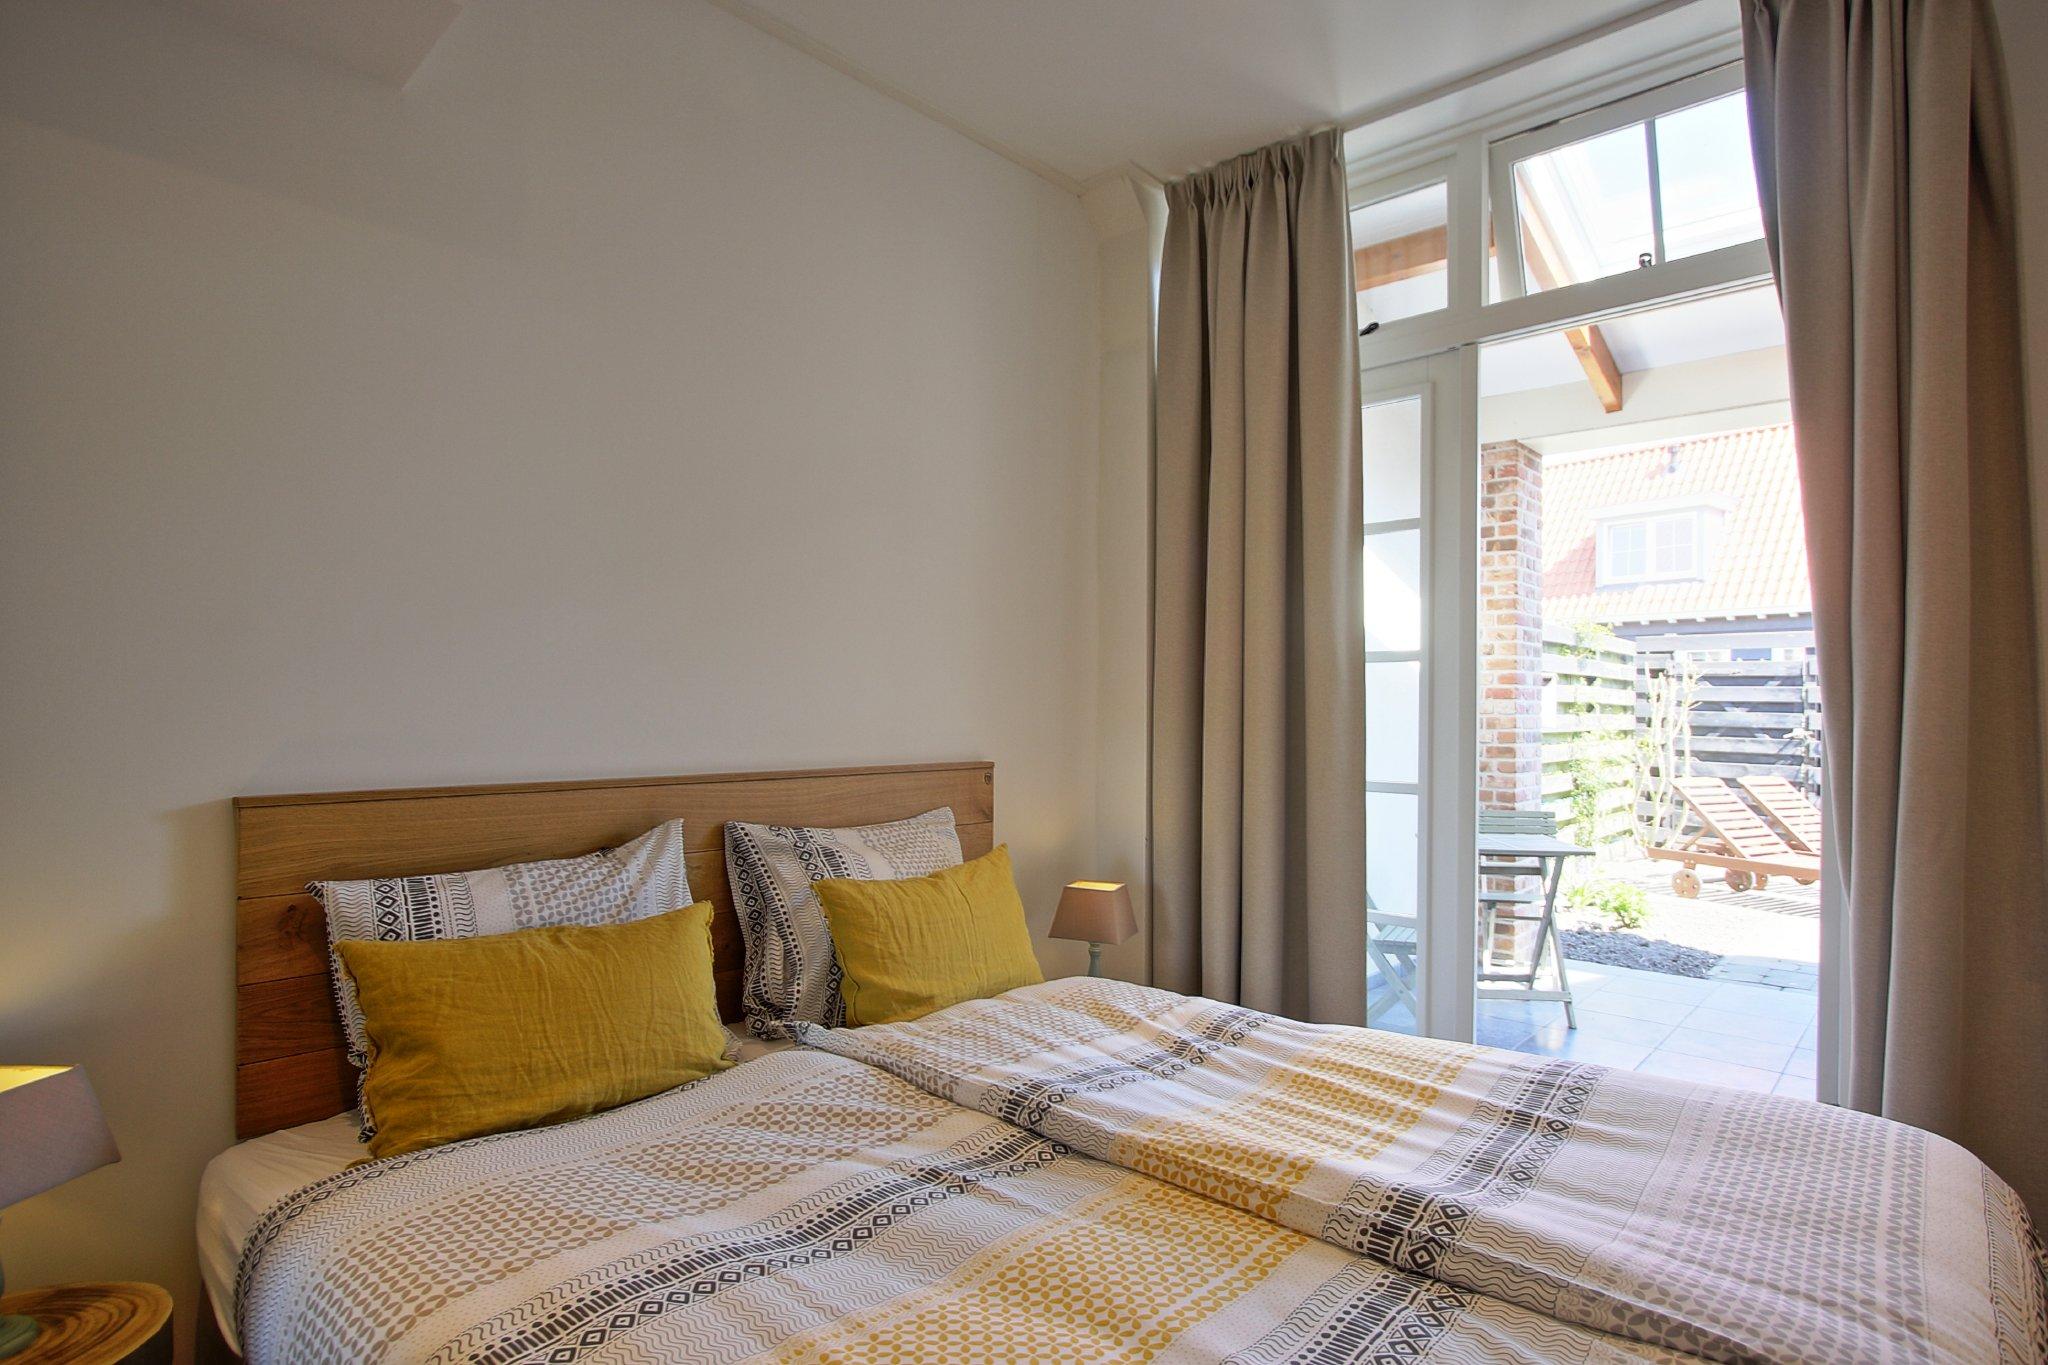 Schlafzimmer mit Flügeltüren zur Terrasse